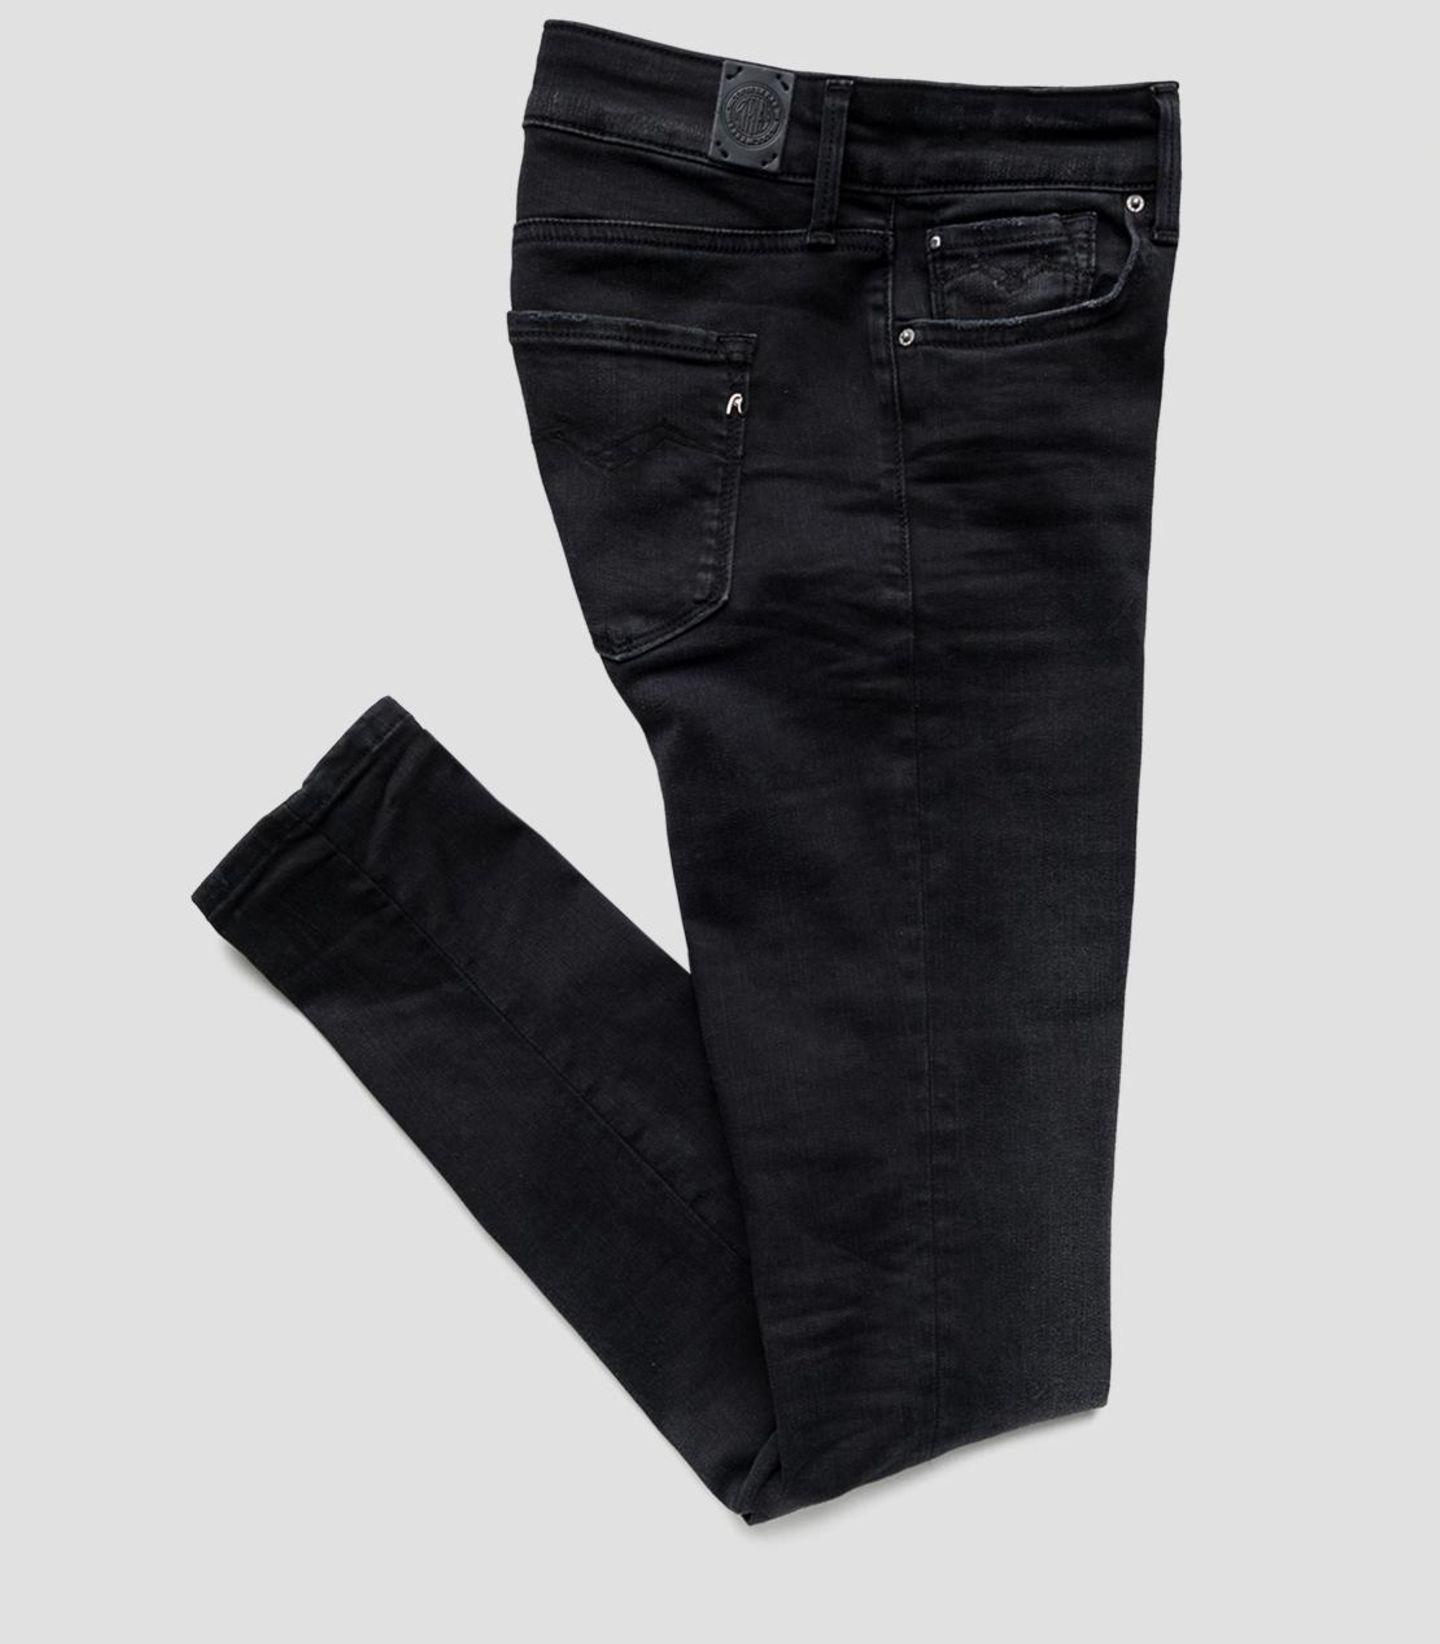 Nachhaltig geht auch cool! Replay launcht die Hyperflex Re-Used Denim und setzt damit nicht nur auf gewohnt stylische Schnitte, sondern aufJeans, dieden höchsten international anerkannten, umweltfreundlichen Standards entsprechen. High Waist Skinny Jeans New Luz, um 160 Euro.